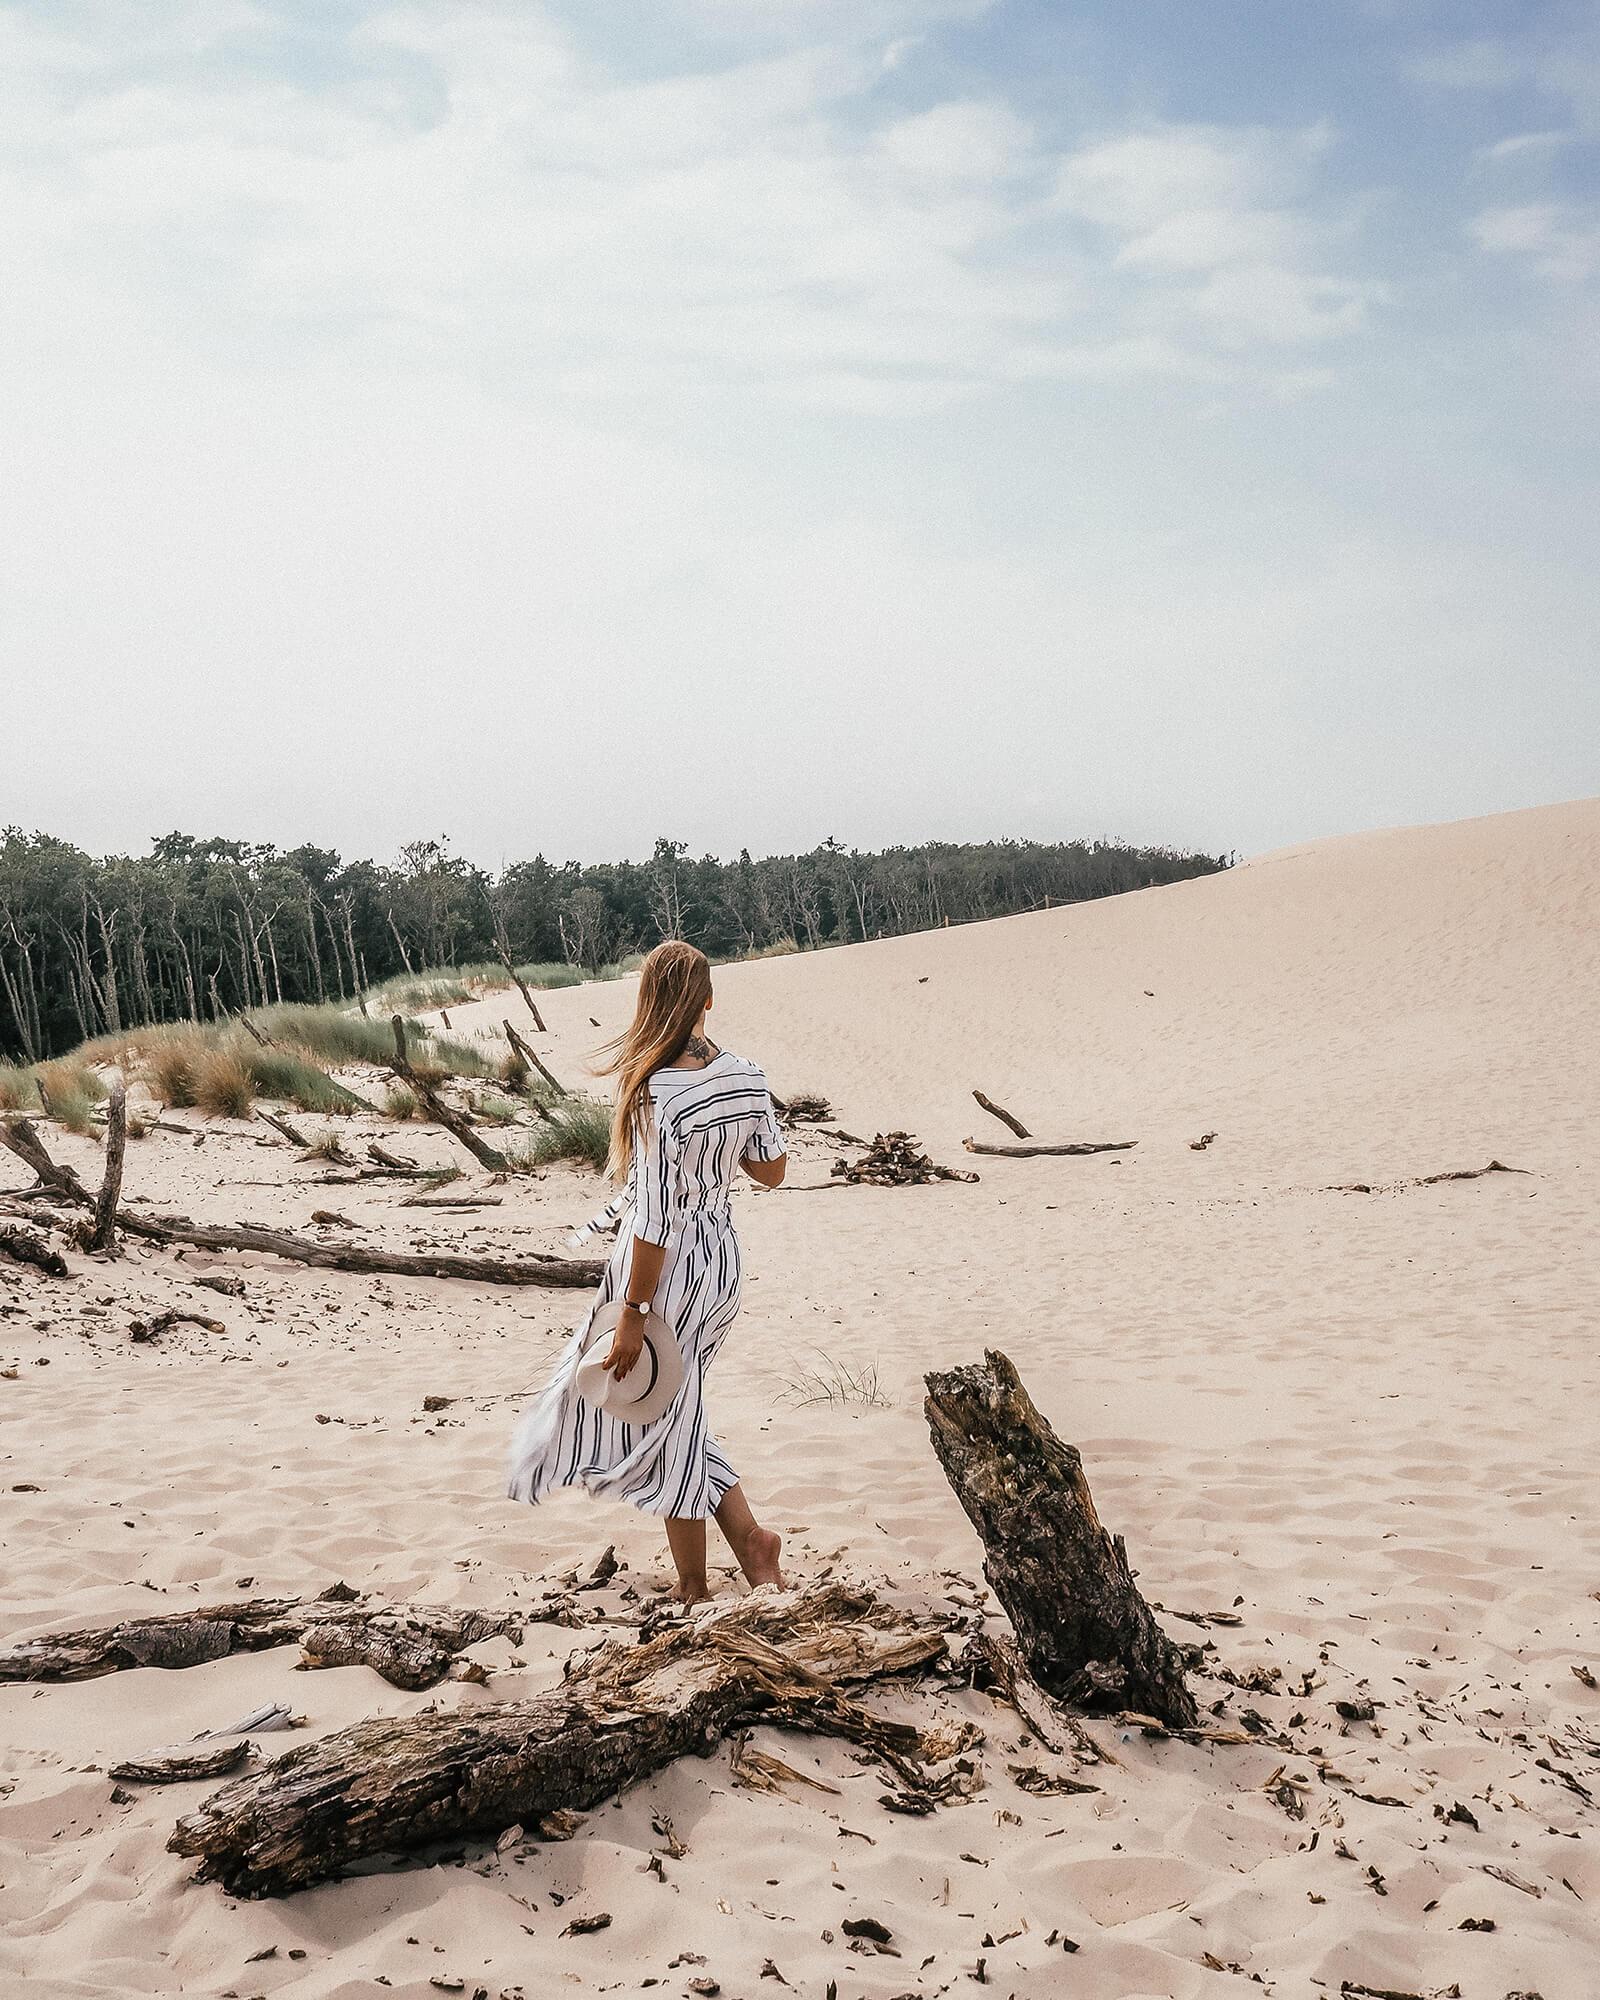 Polska Sahara - Ruchome Wydmy w Łebie w Słowińskim Parku Narodowym